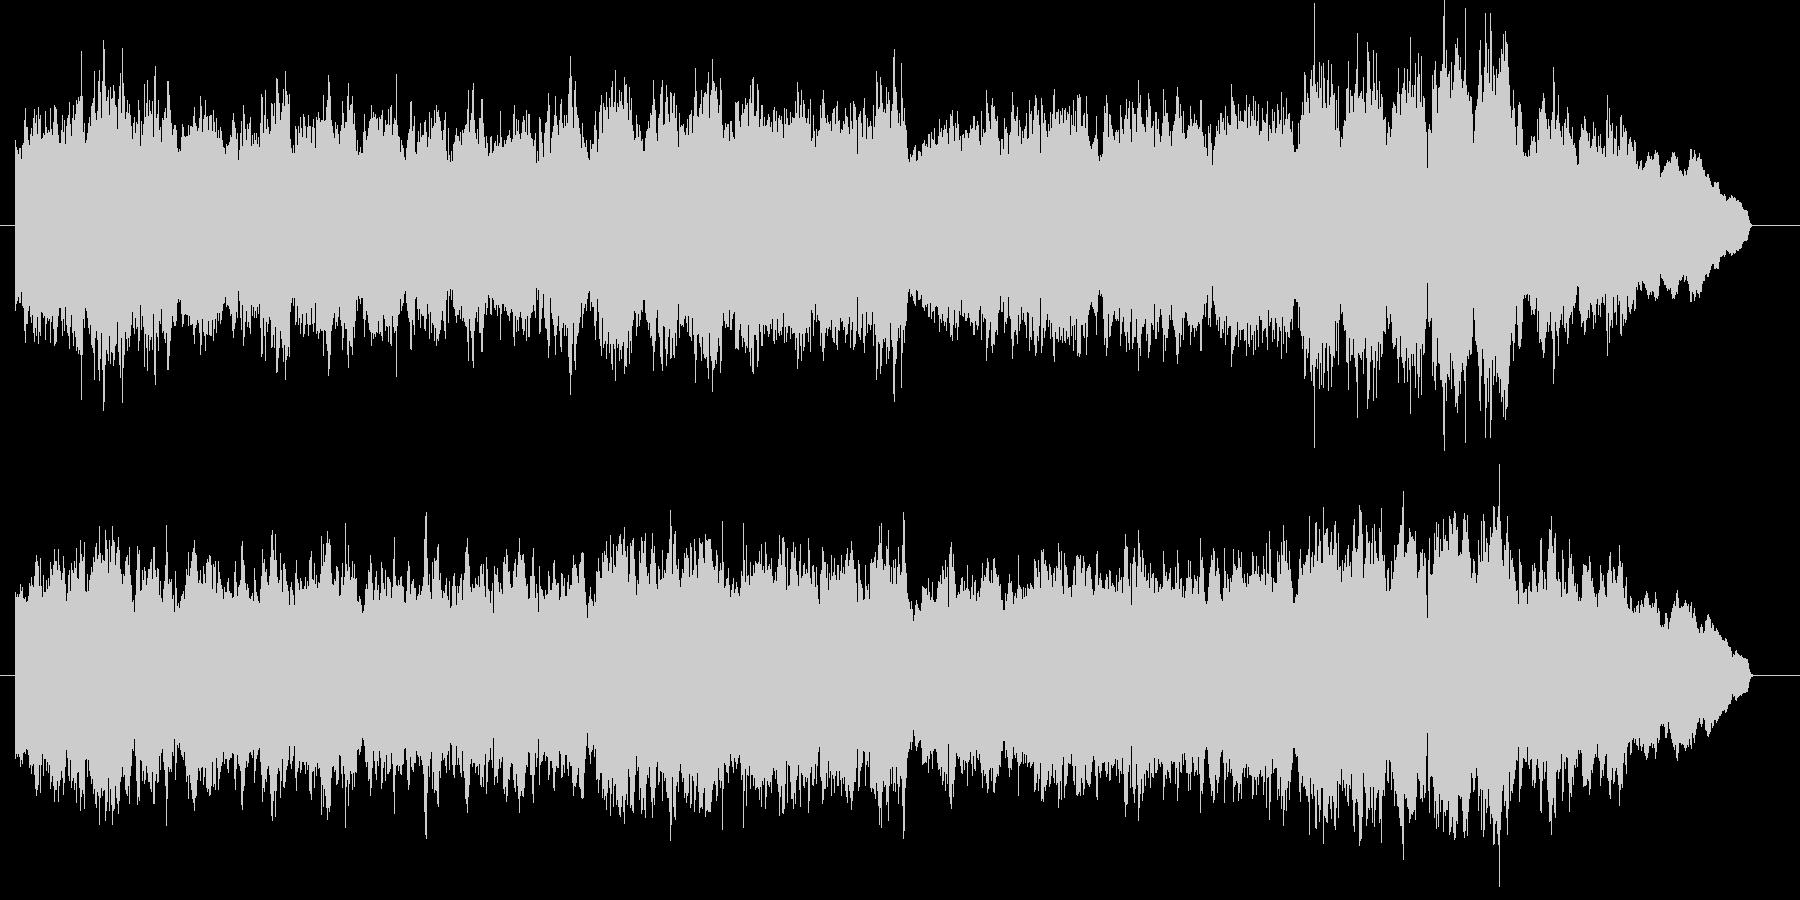 ストリングスによるシンプルなクラシックの未再生の波形